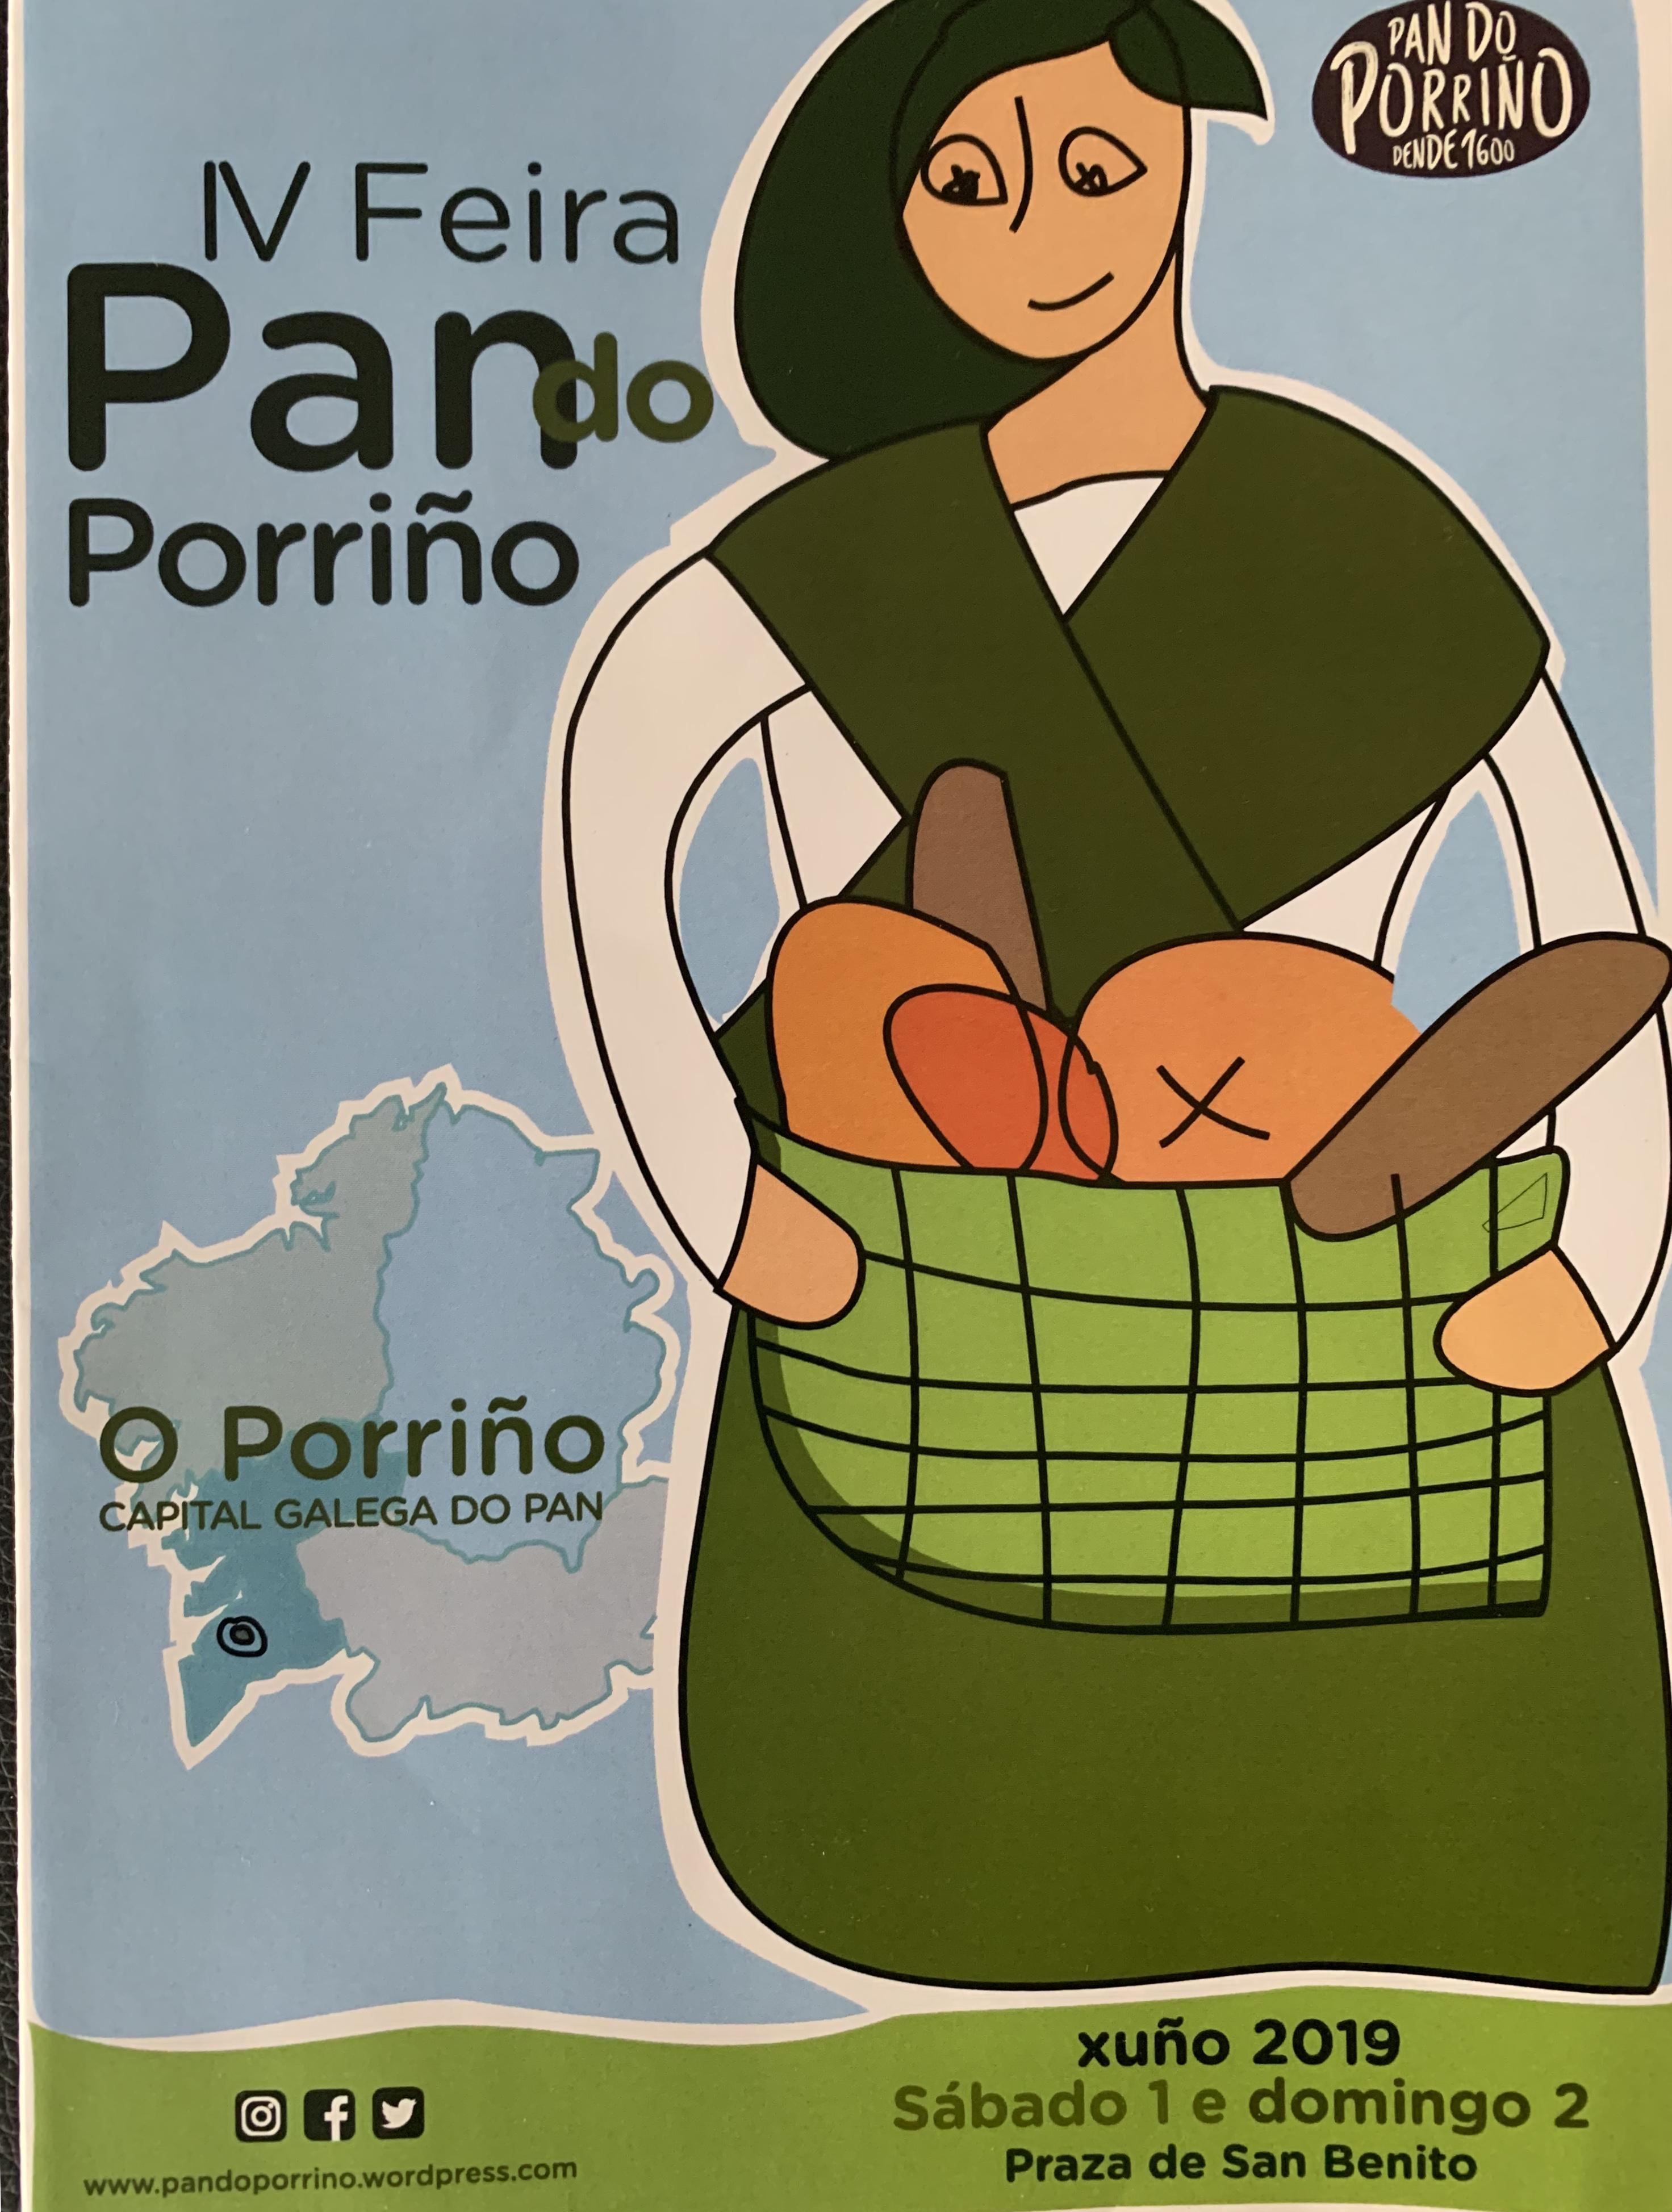 Porriño volve a reivindicarse como capital galega do pan